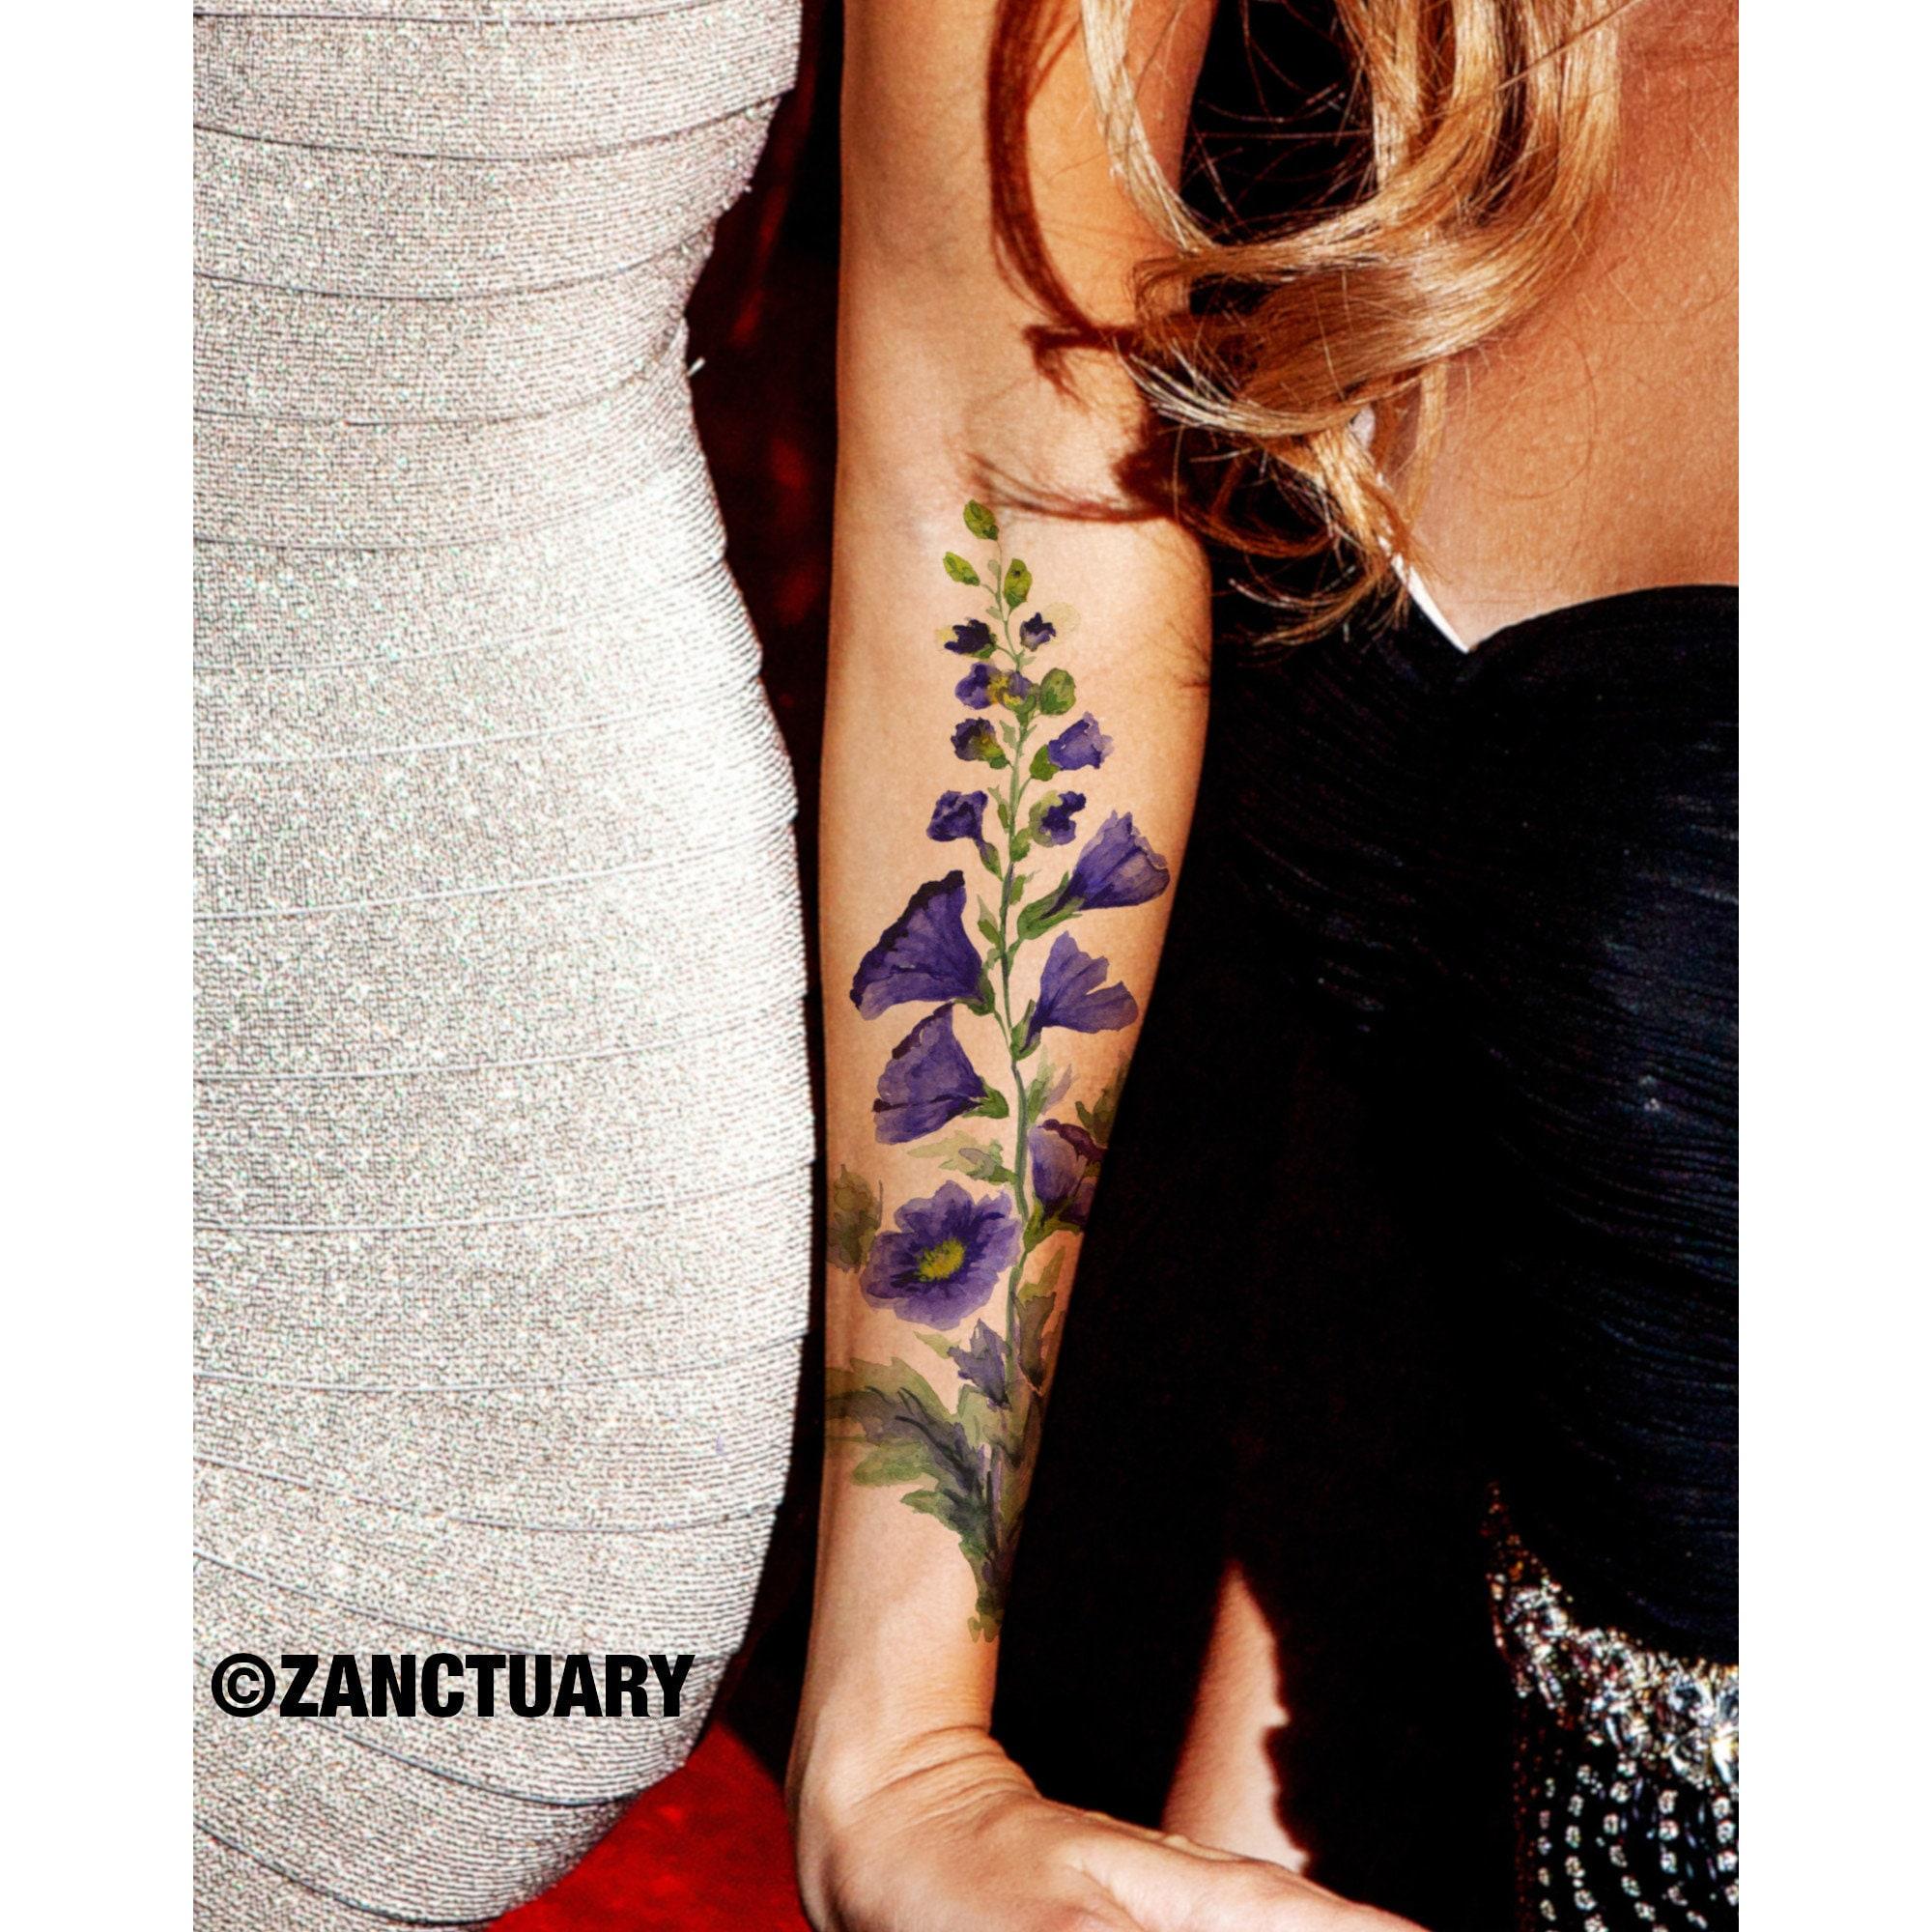 Aquarelle Fleur Tatouage Avant Bras Tatouage Fleur Tatouage Temporaire Manche Pour Femmes Tatouage Floral Faux Tatouage Temporaire Tätowierung